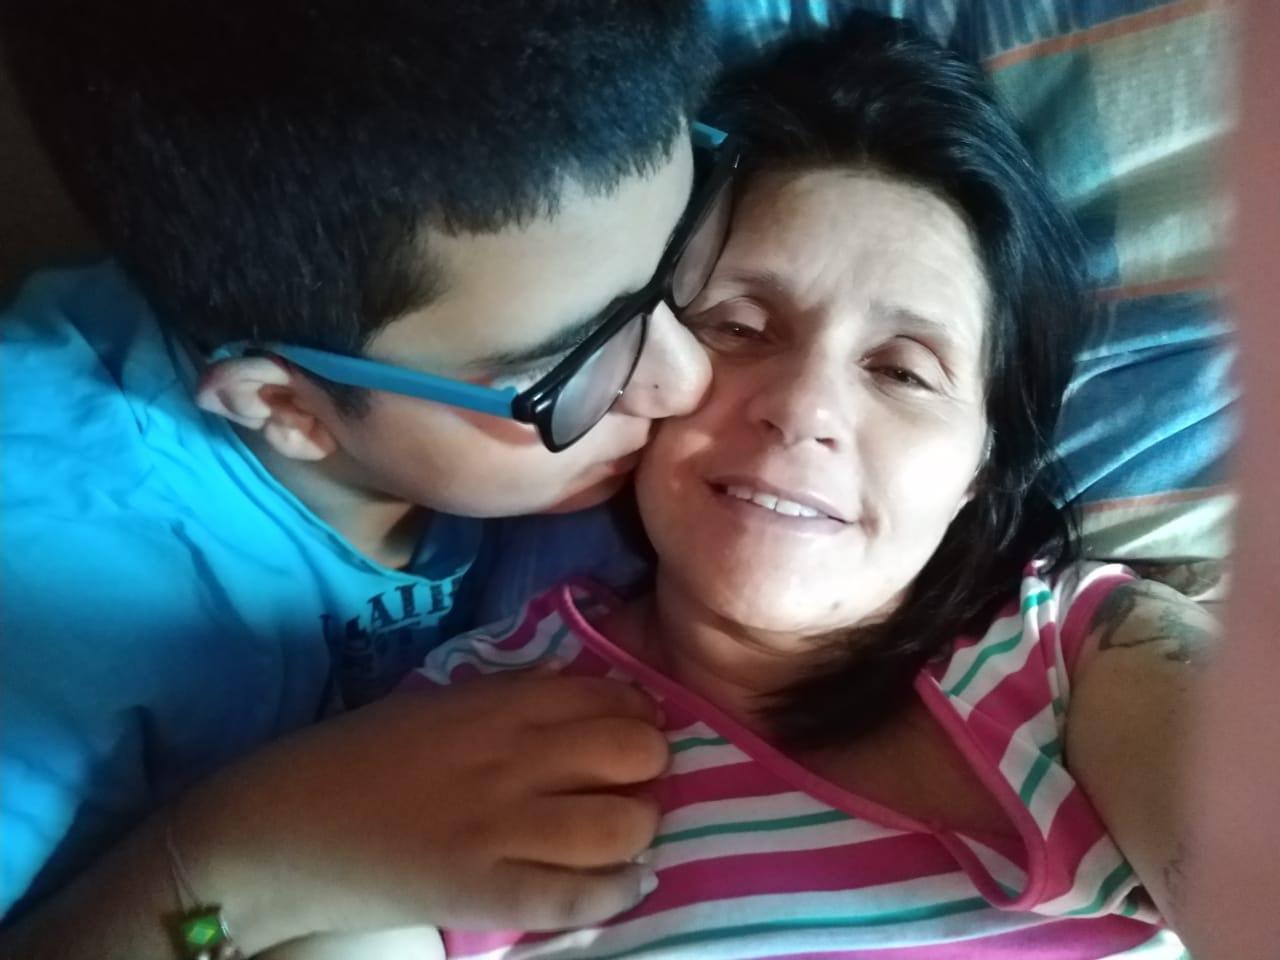 [VÍDEO] Mães de autistas nos ensinam sobre amor incondicional e desafios desse incrível 'mundo azul' 3